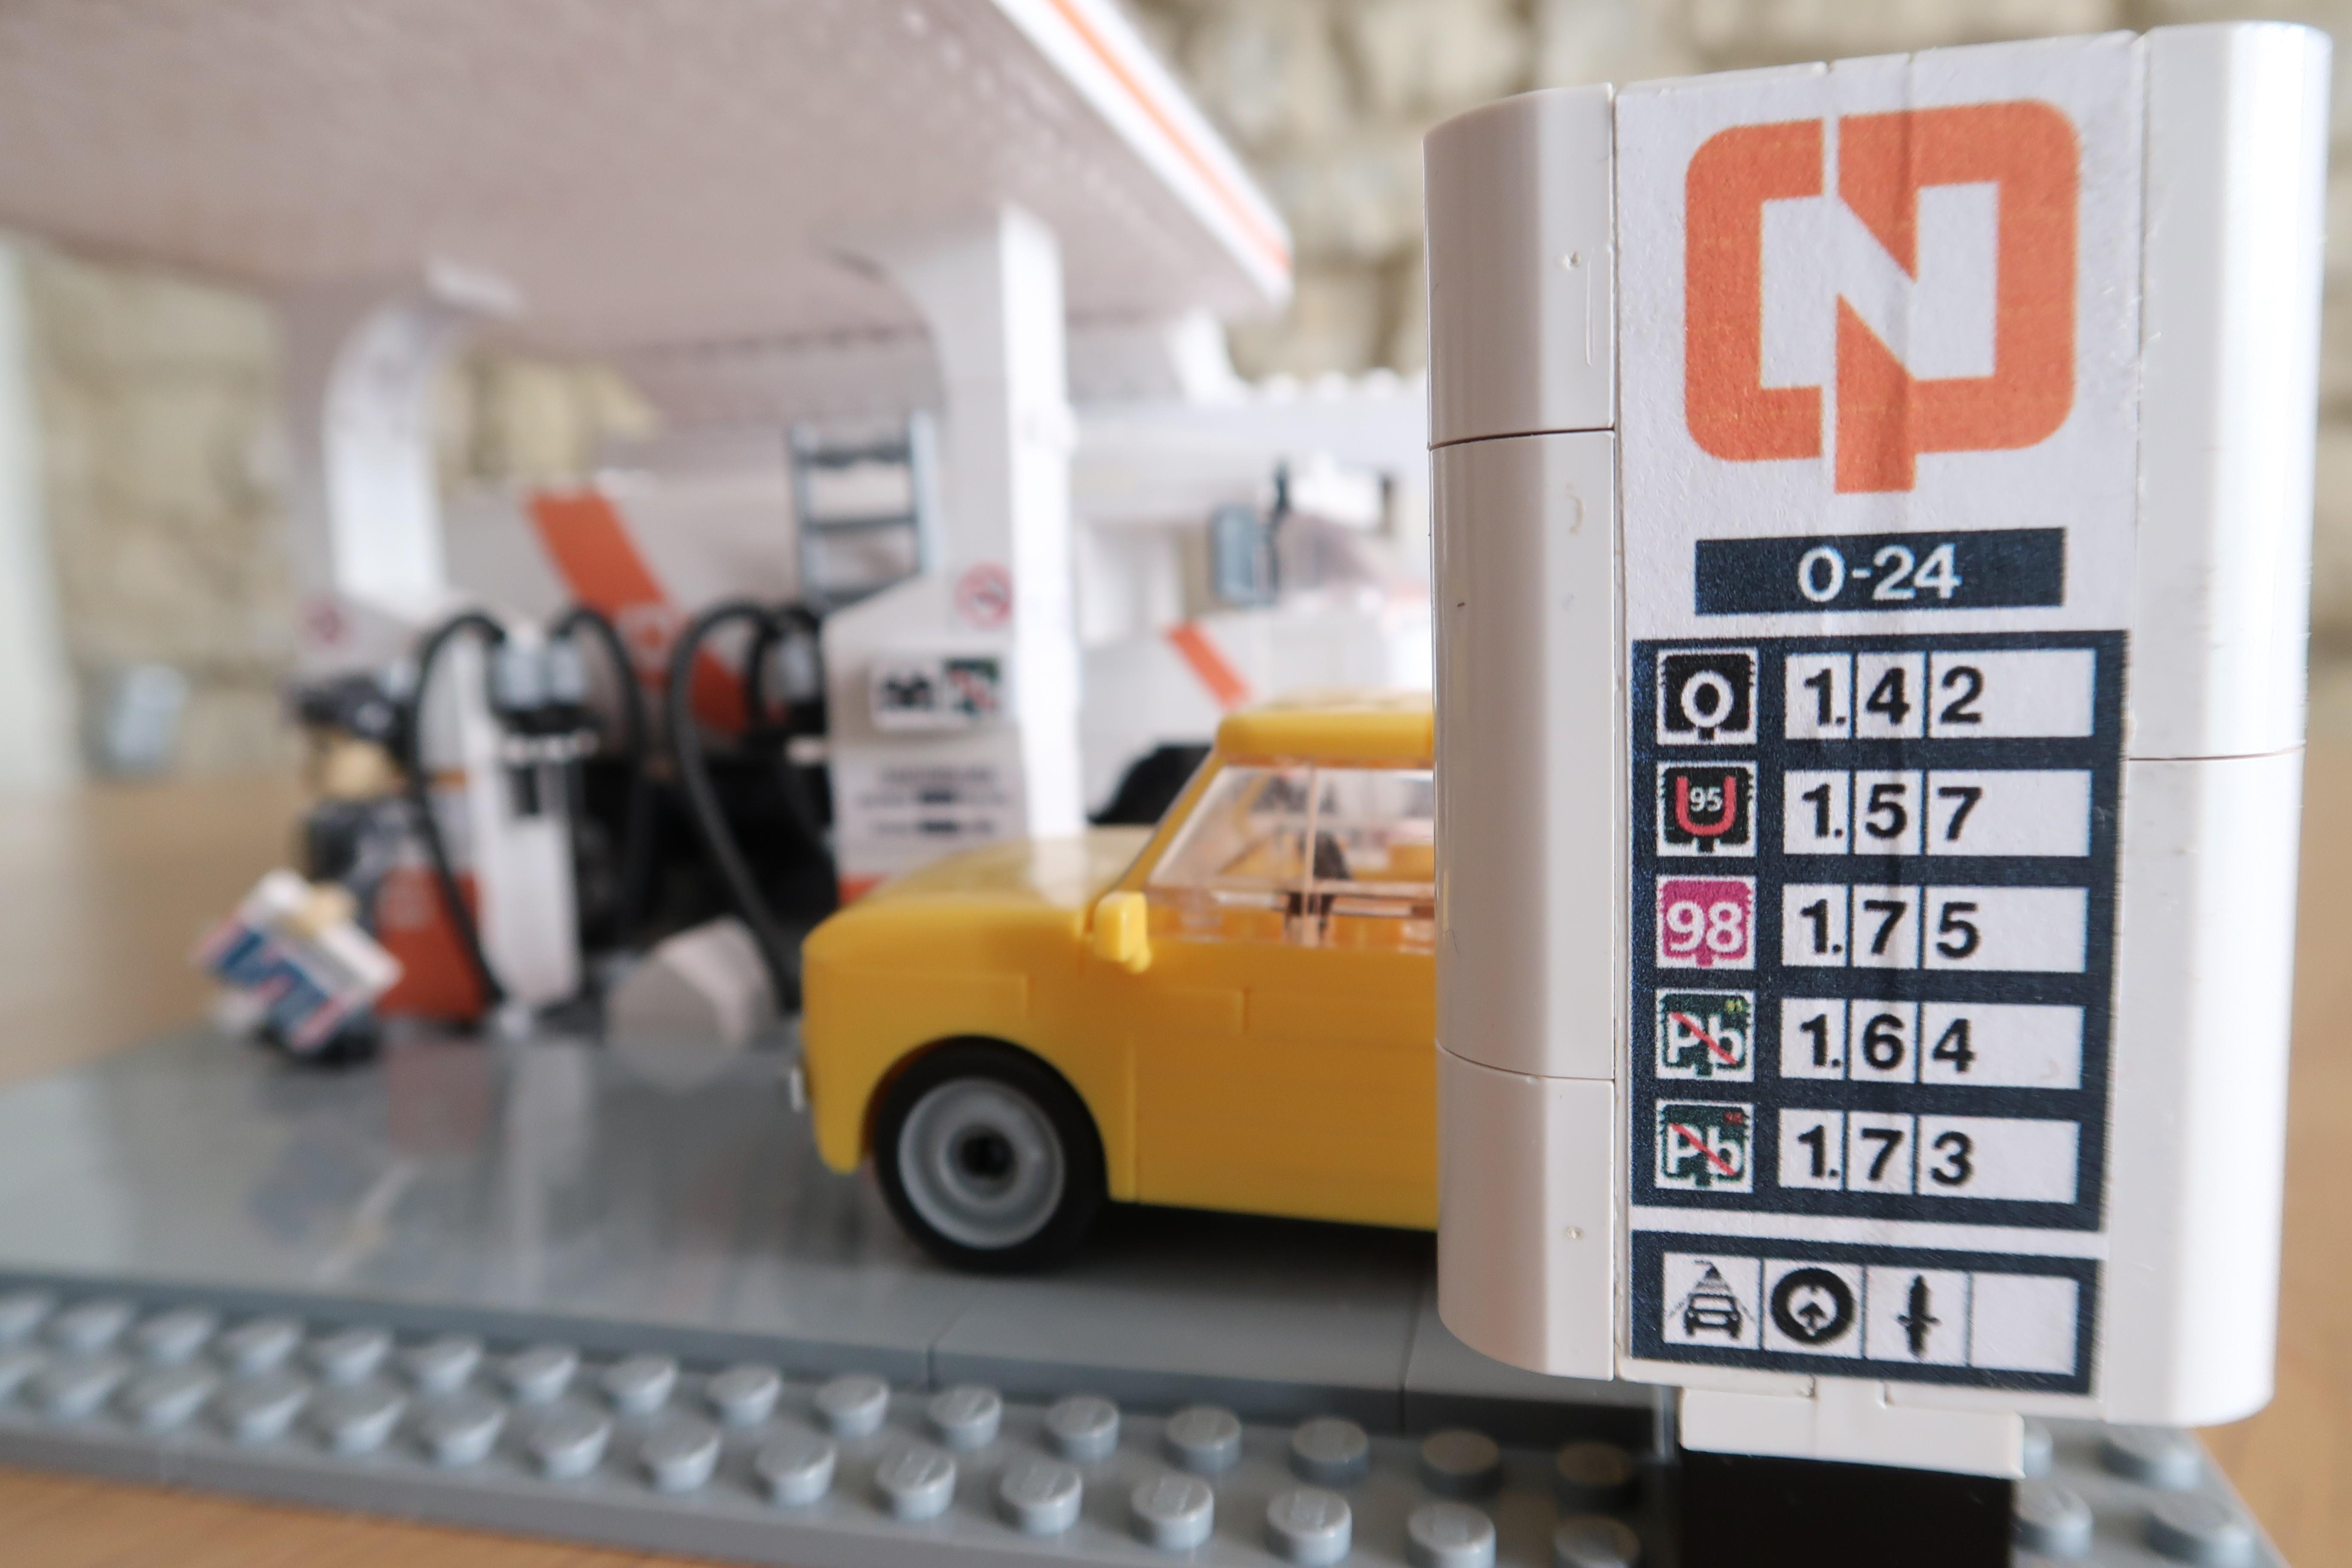 CPN Gas Station (Centrala Produktów Naftowych) photo 6